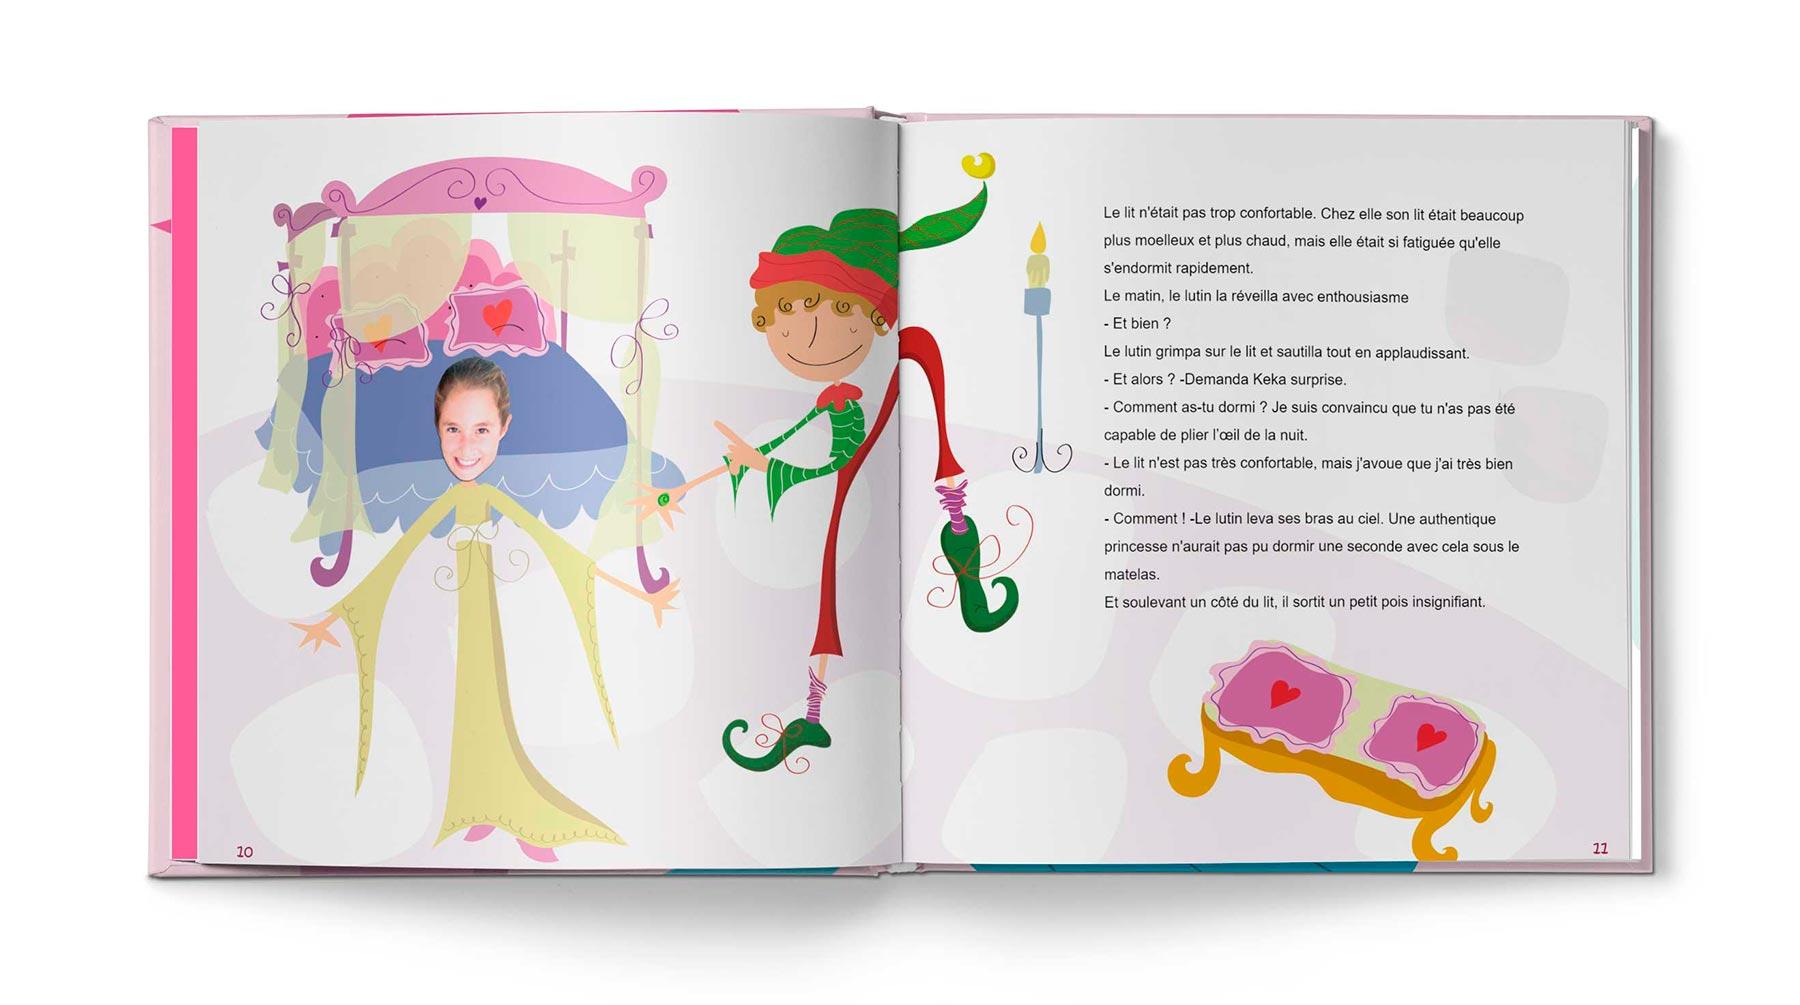 Histoire La princesse et le pansement - Image 5